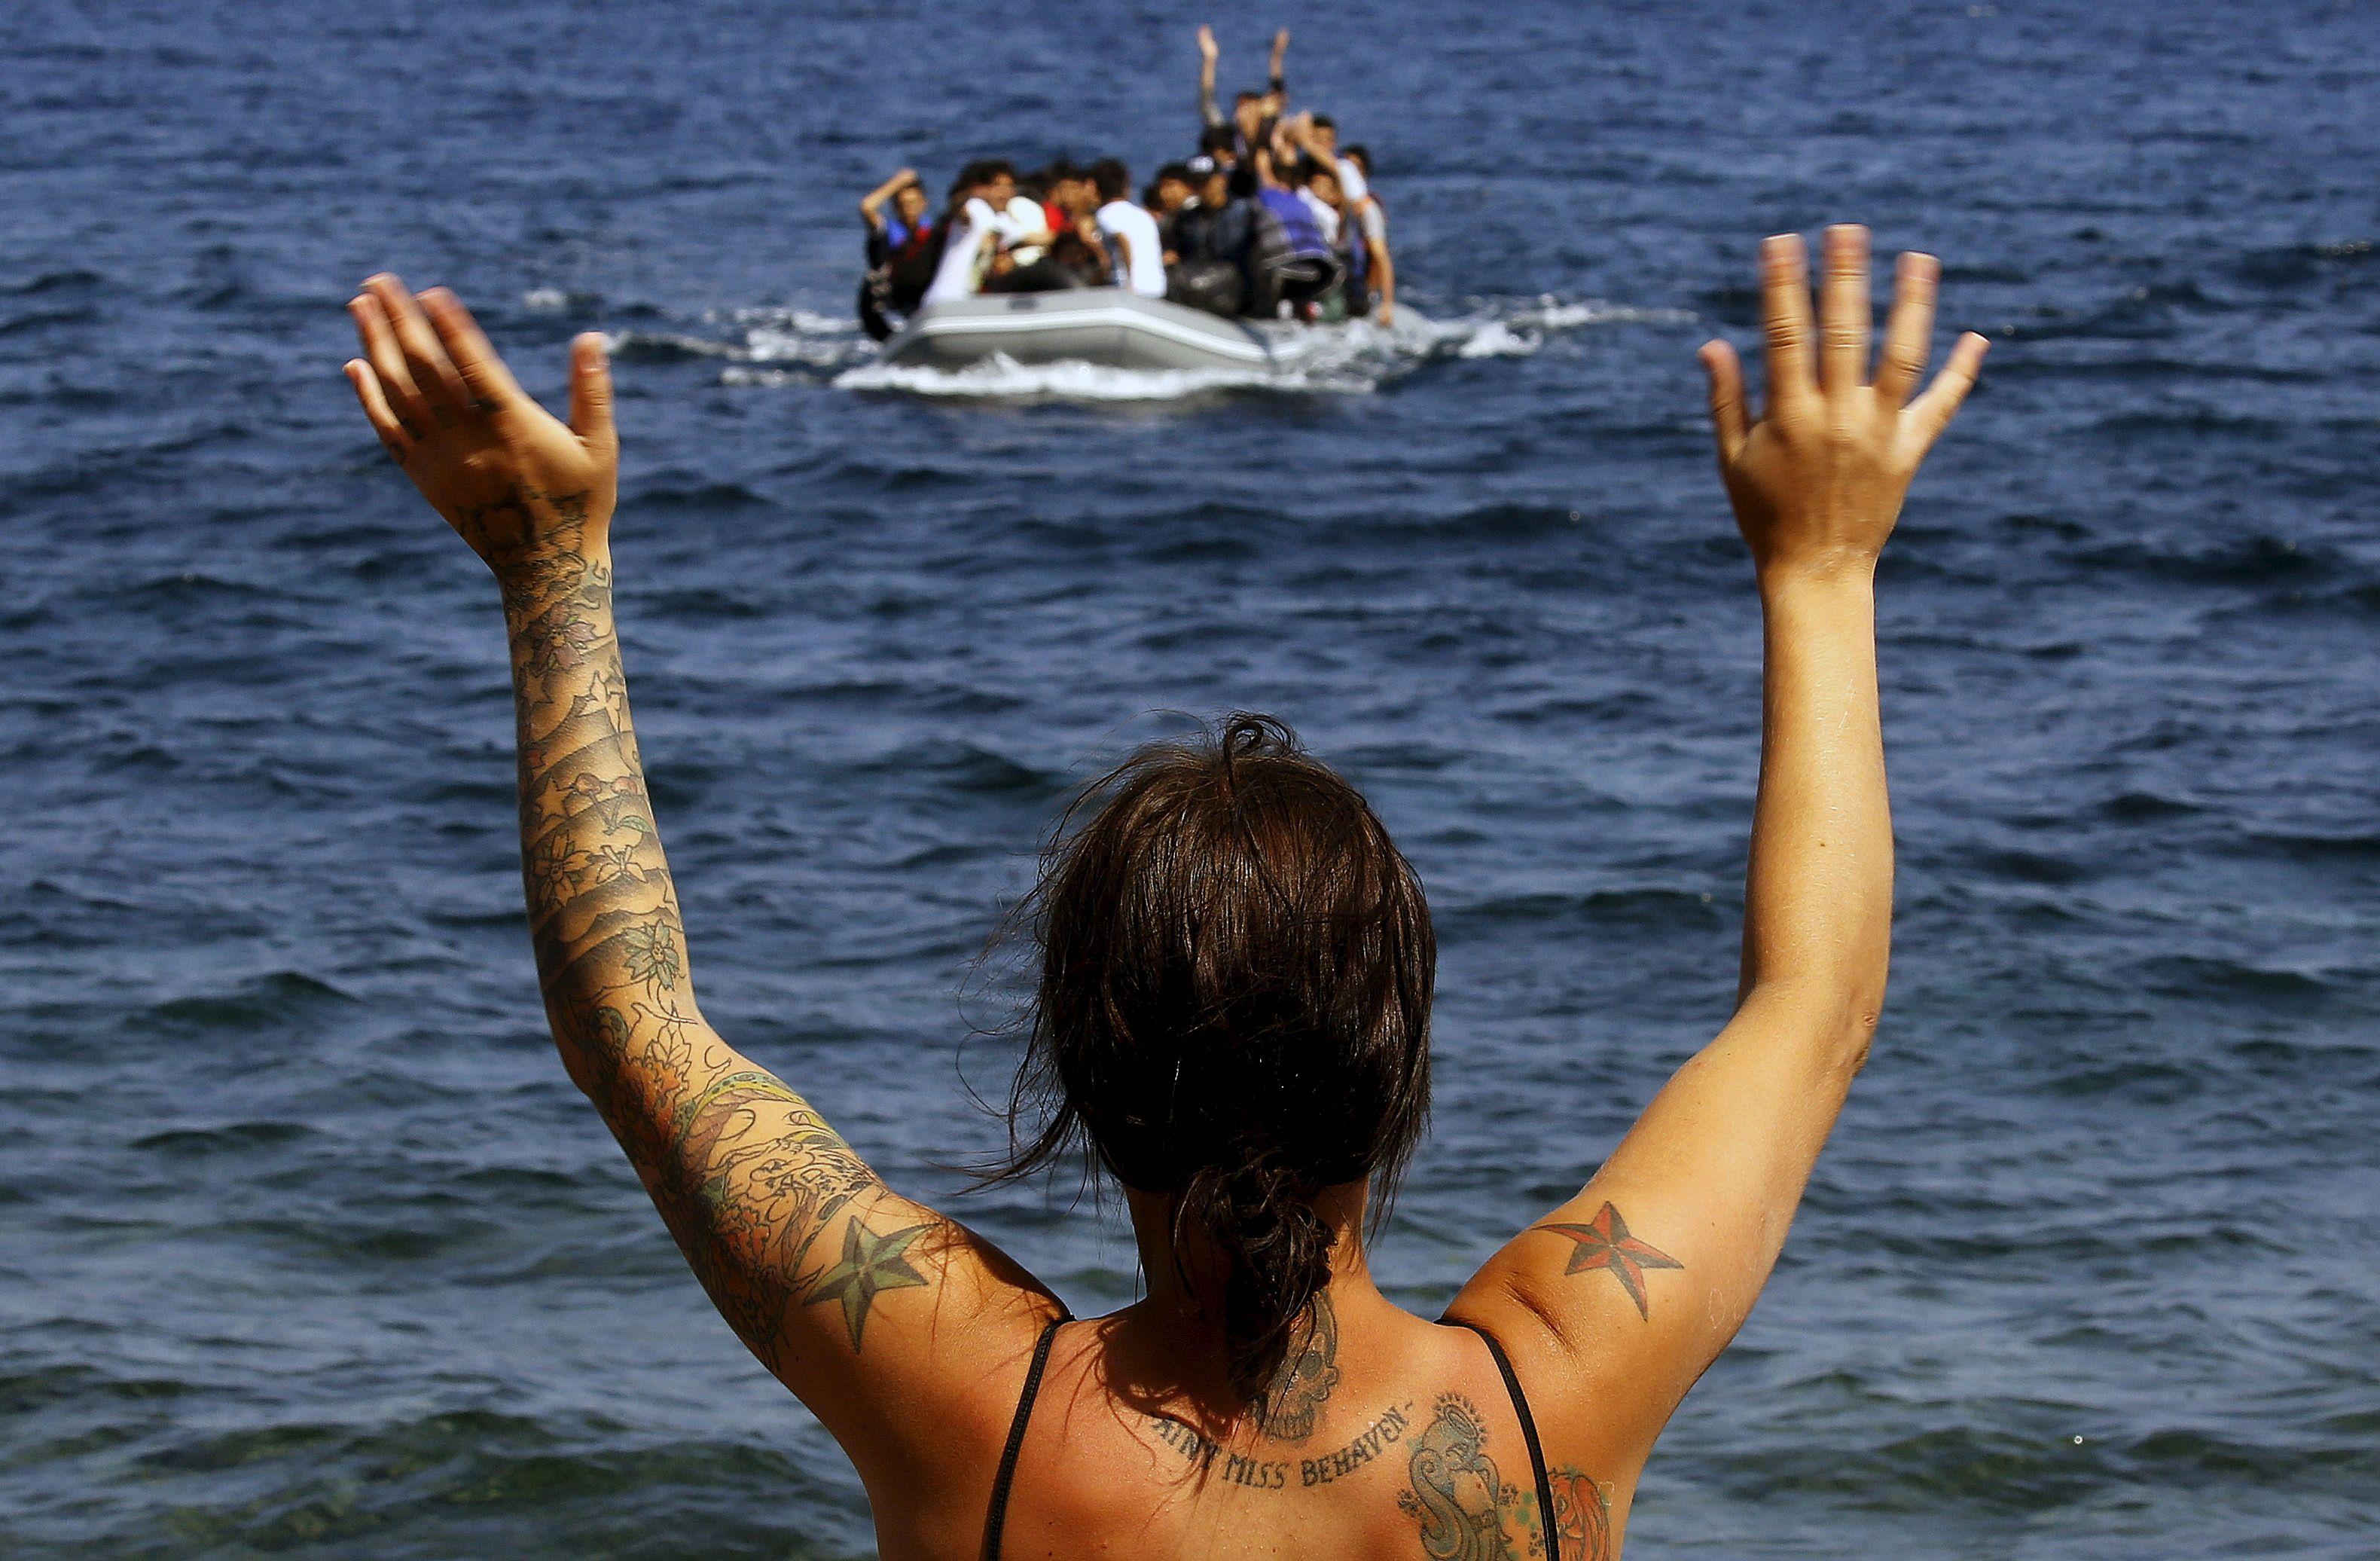 Pour la Libye, l'Union européenne est responsable des migrants morts en Méditerranée